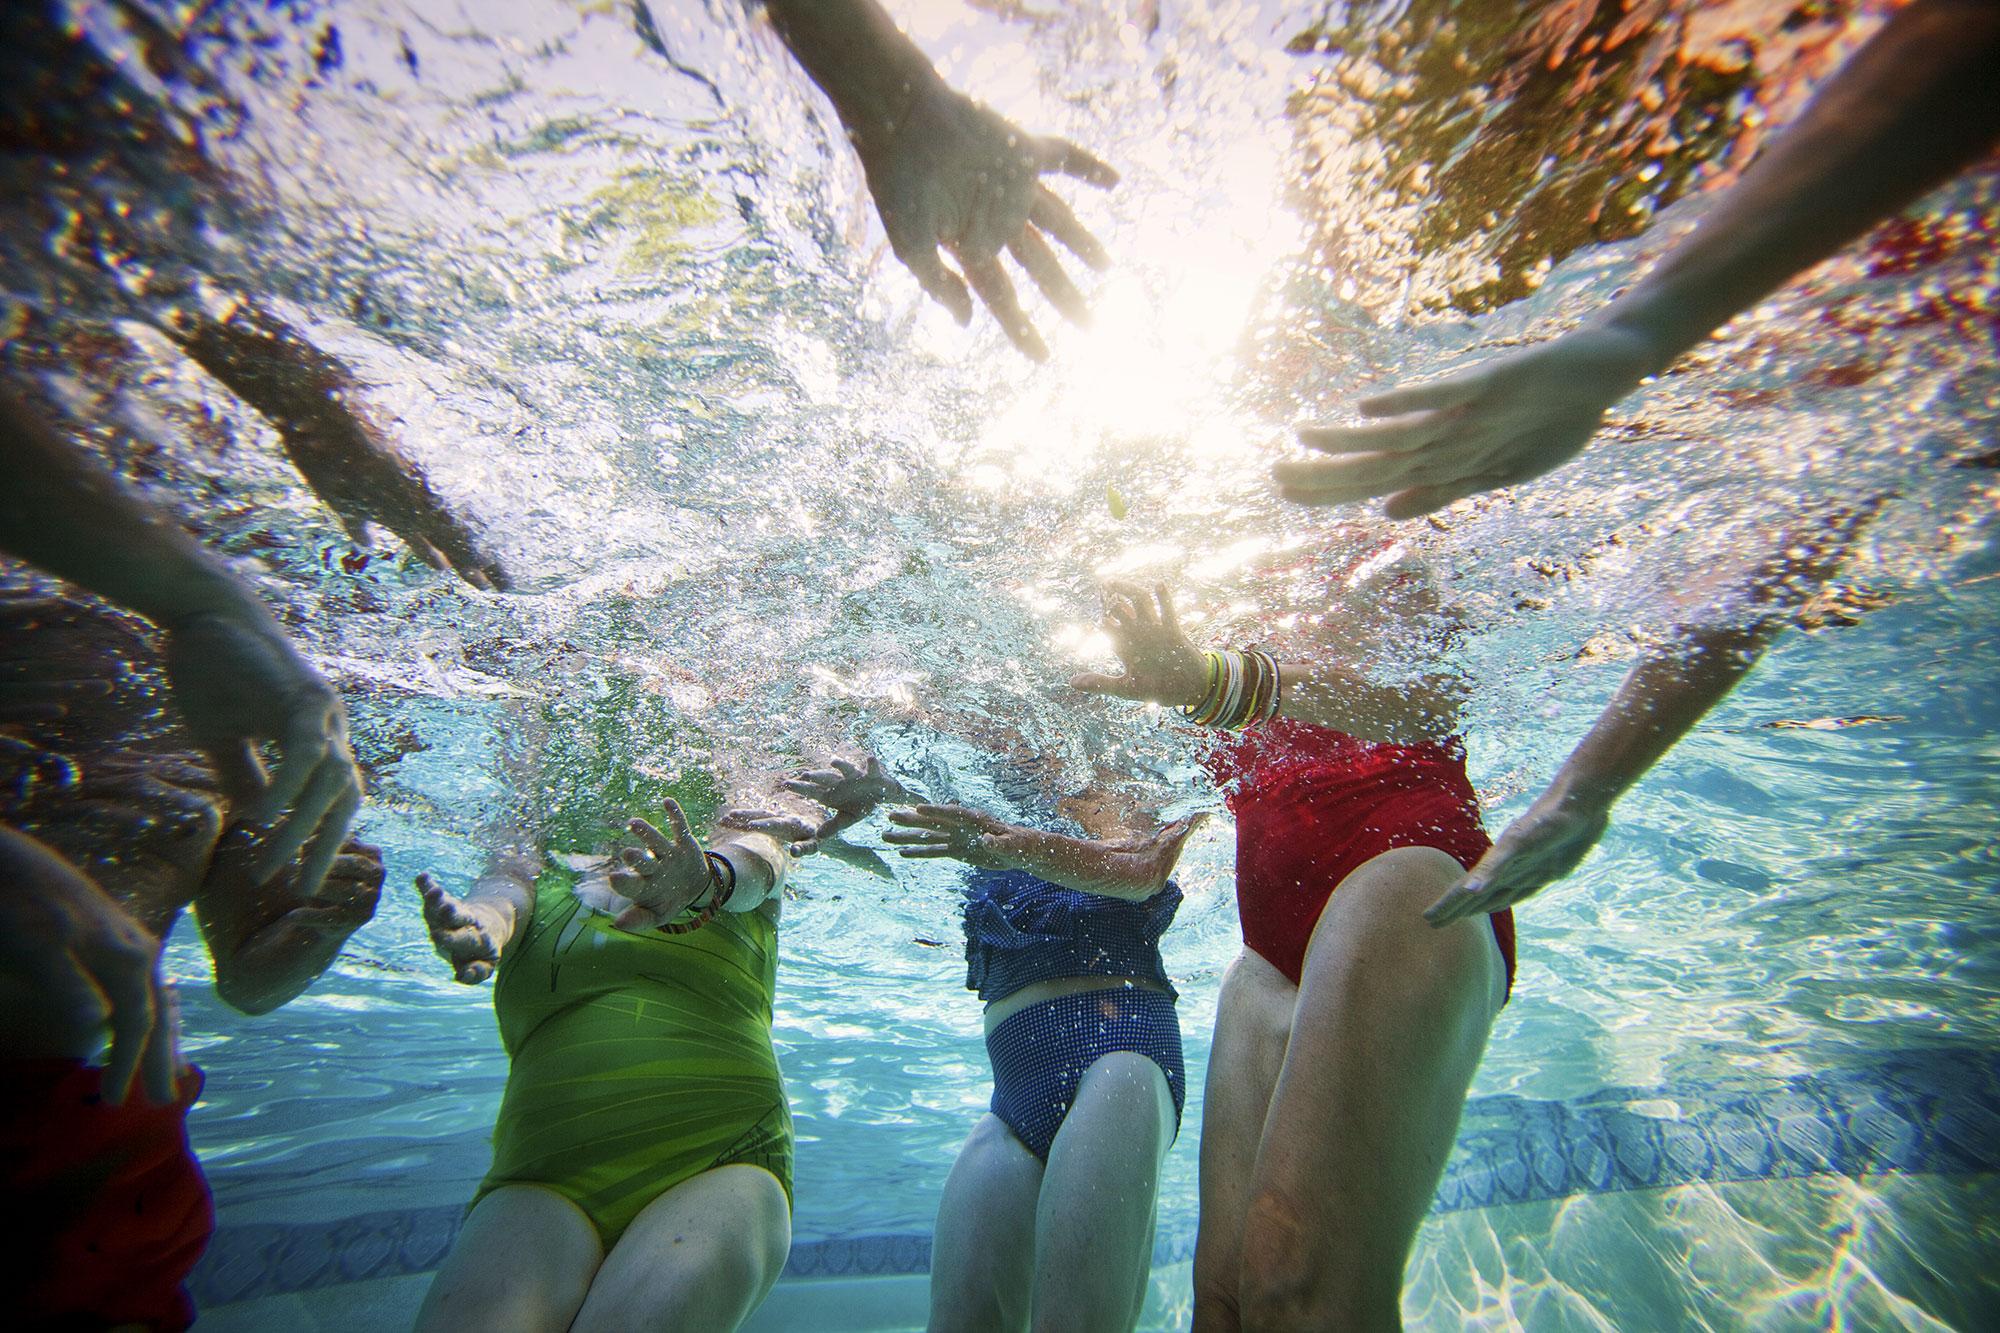 015-LIFE_pool_underwater_397-lyrsa-copy.jpg